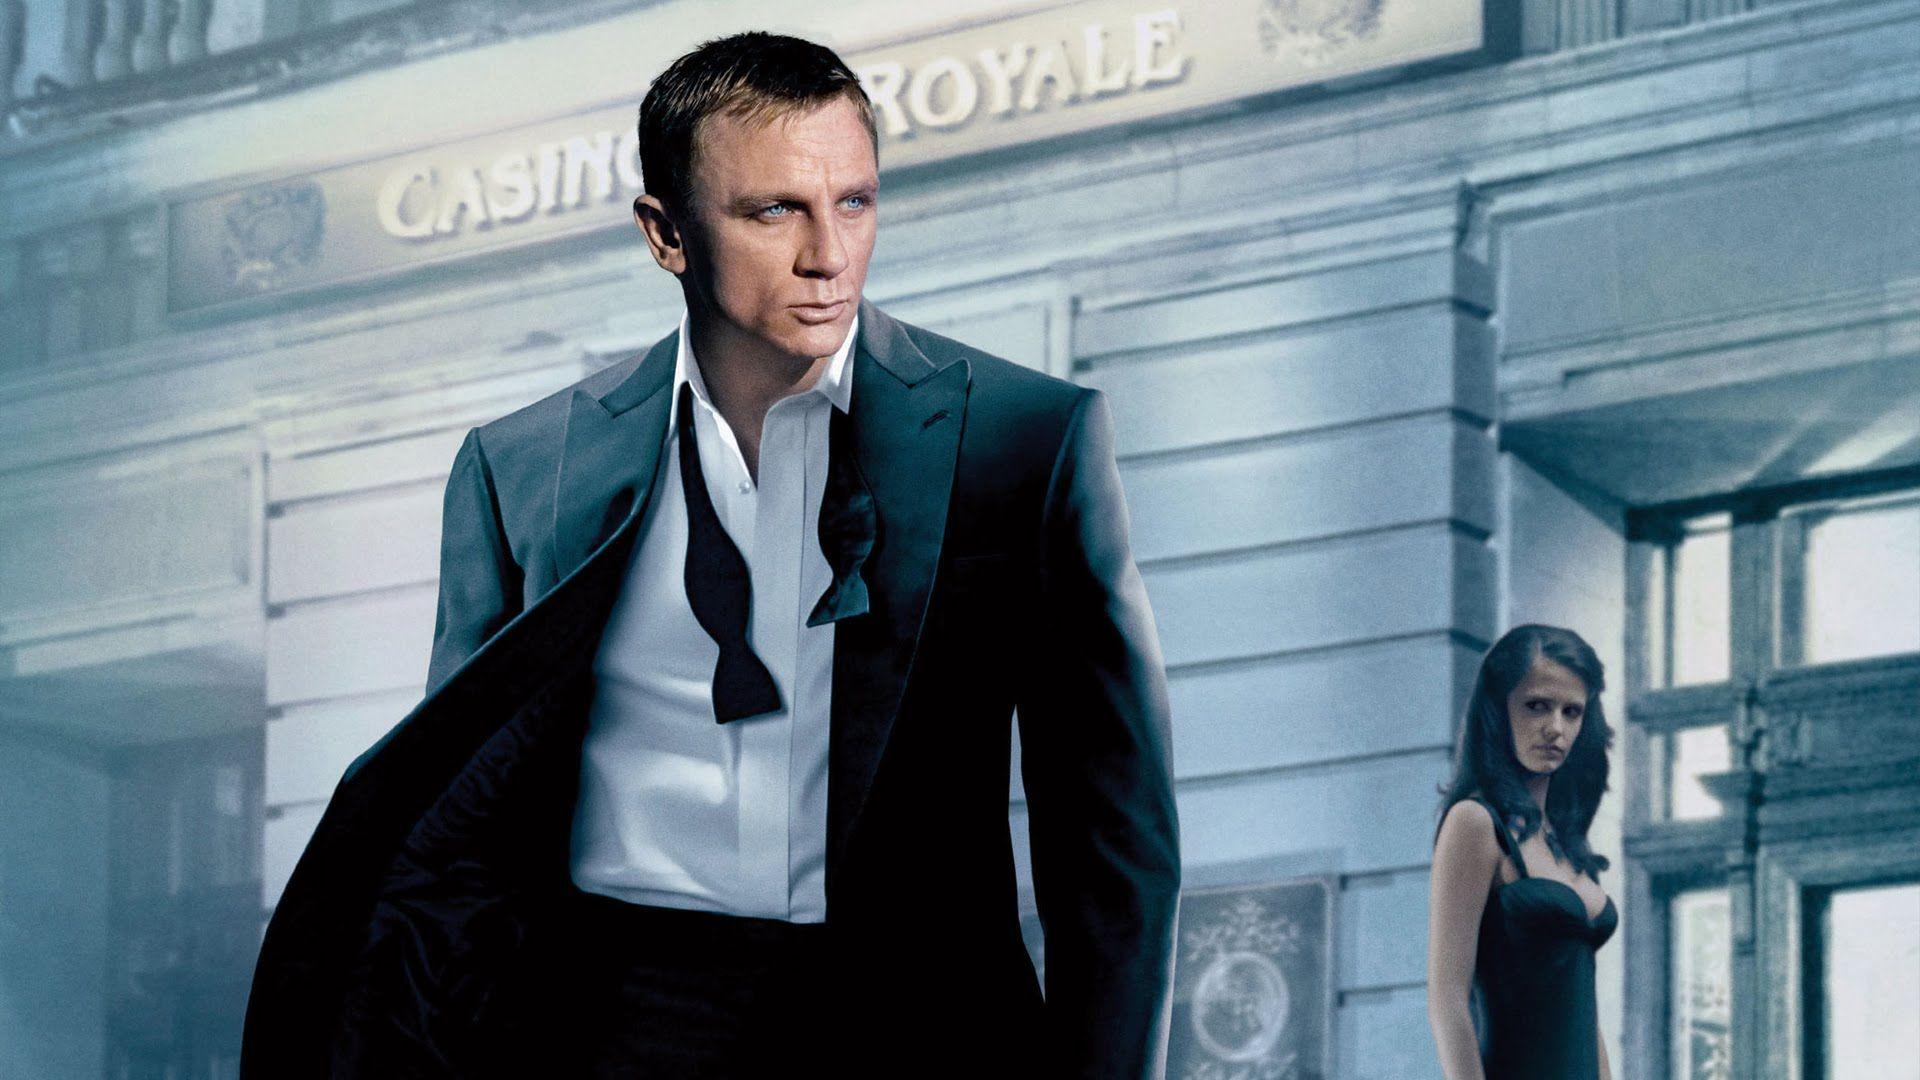 007 Cassino Royale Assistir Filme Completo Cassino Royale